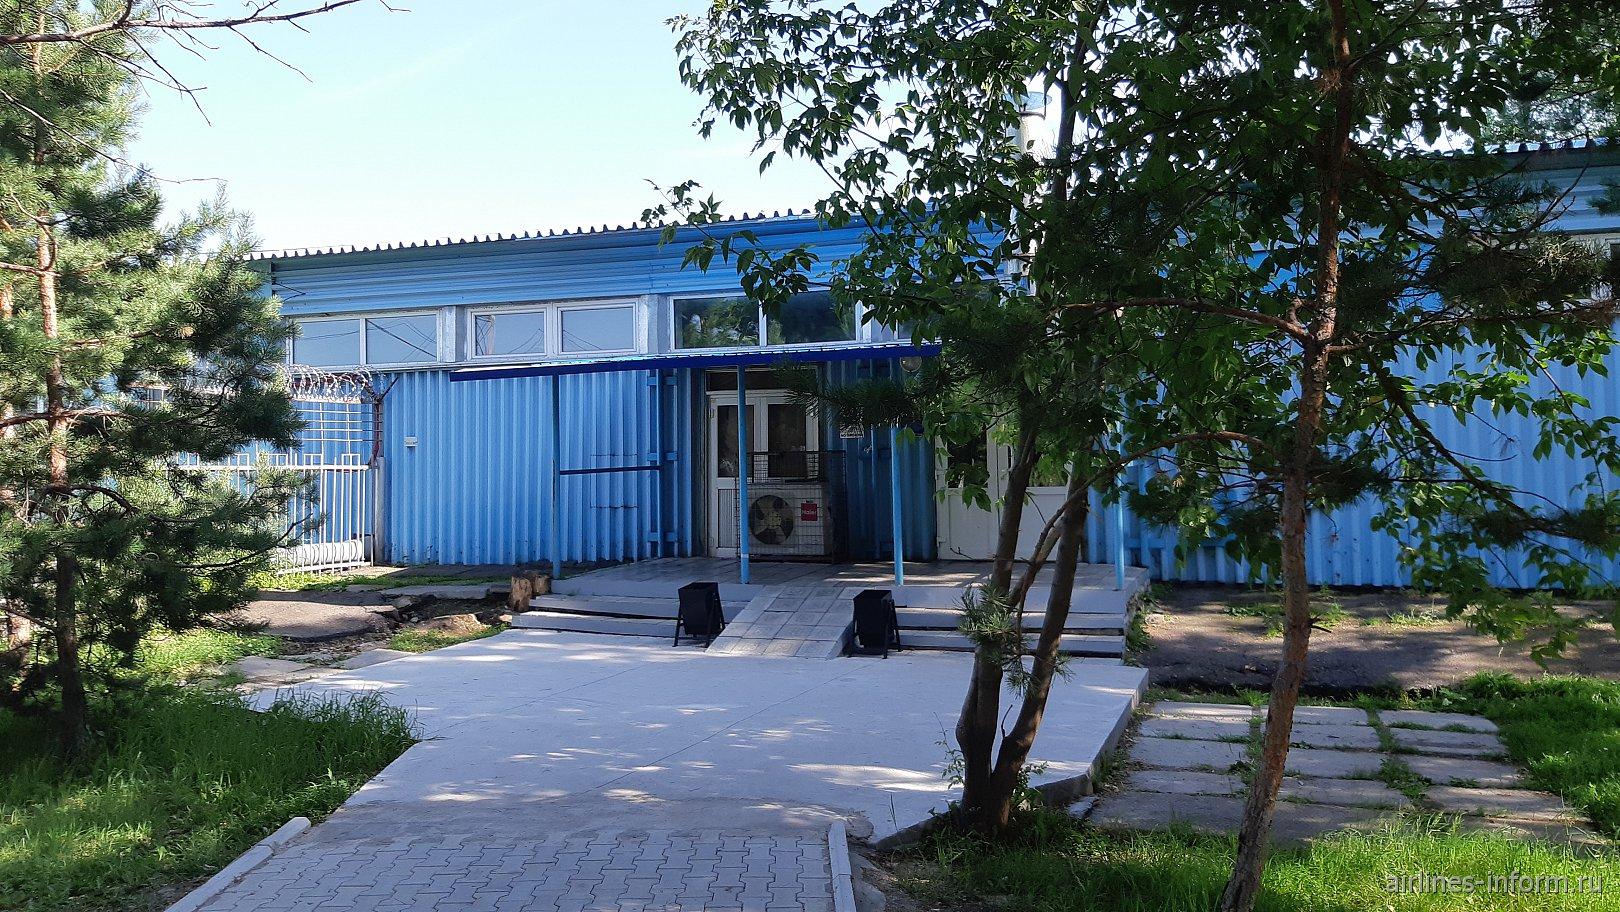 Международный терминал аэропорта Благовещенск Игнатьево